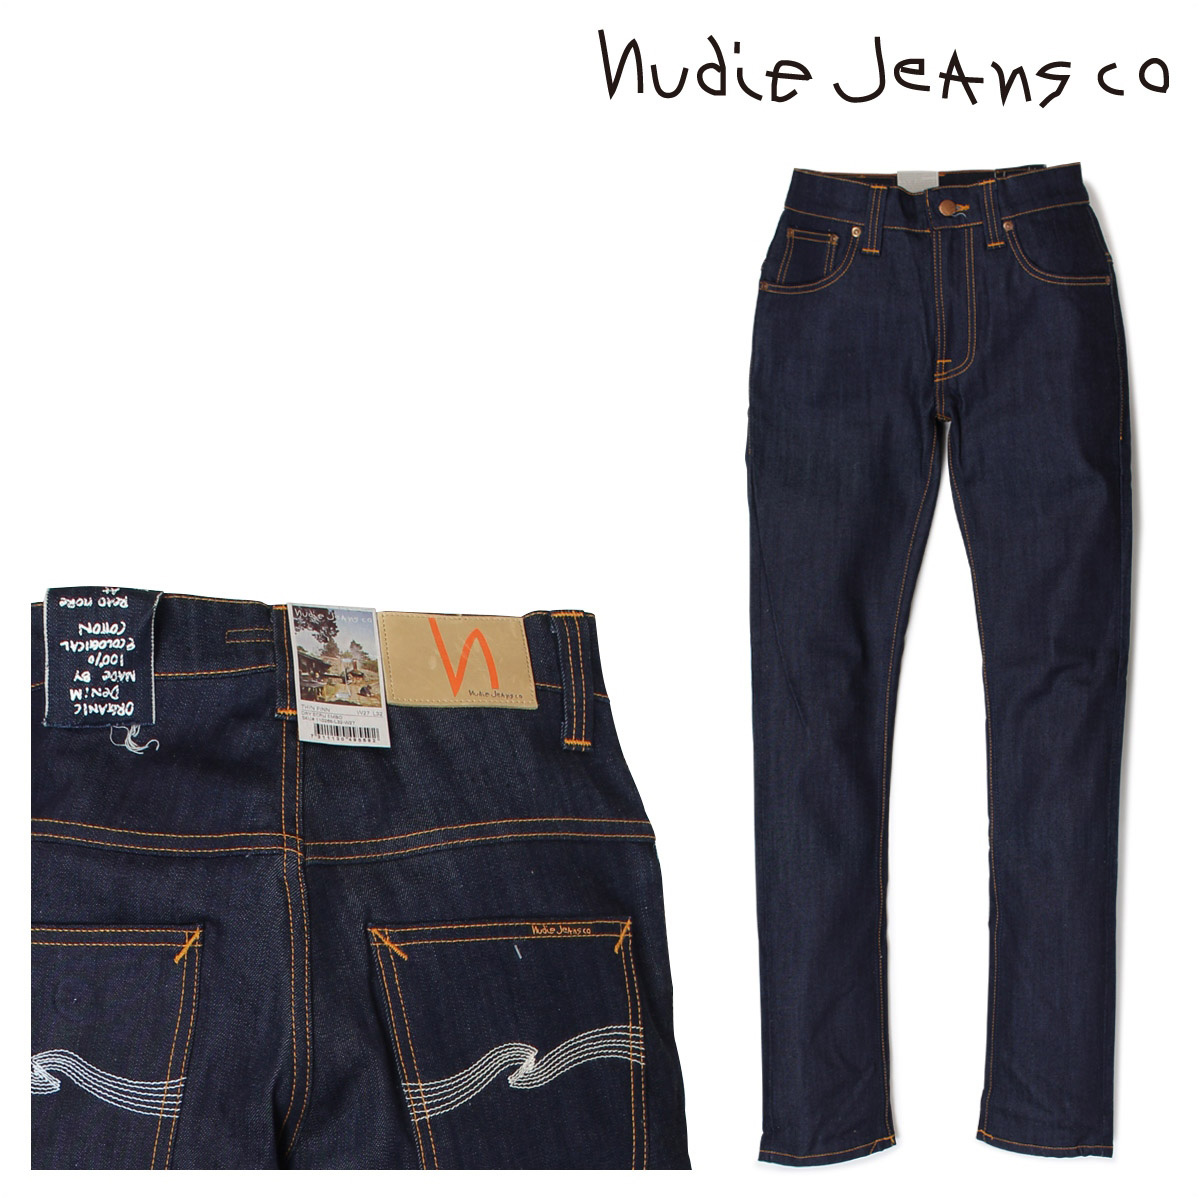 【最大2000円OFFクーポン】 ヌーディージーンズ nudie jeans THIN FINN スキニー メンズ デニム パンツ DRY ECRU EMBO ブルー